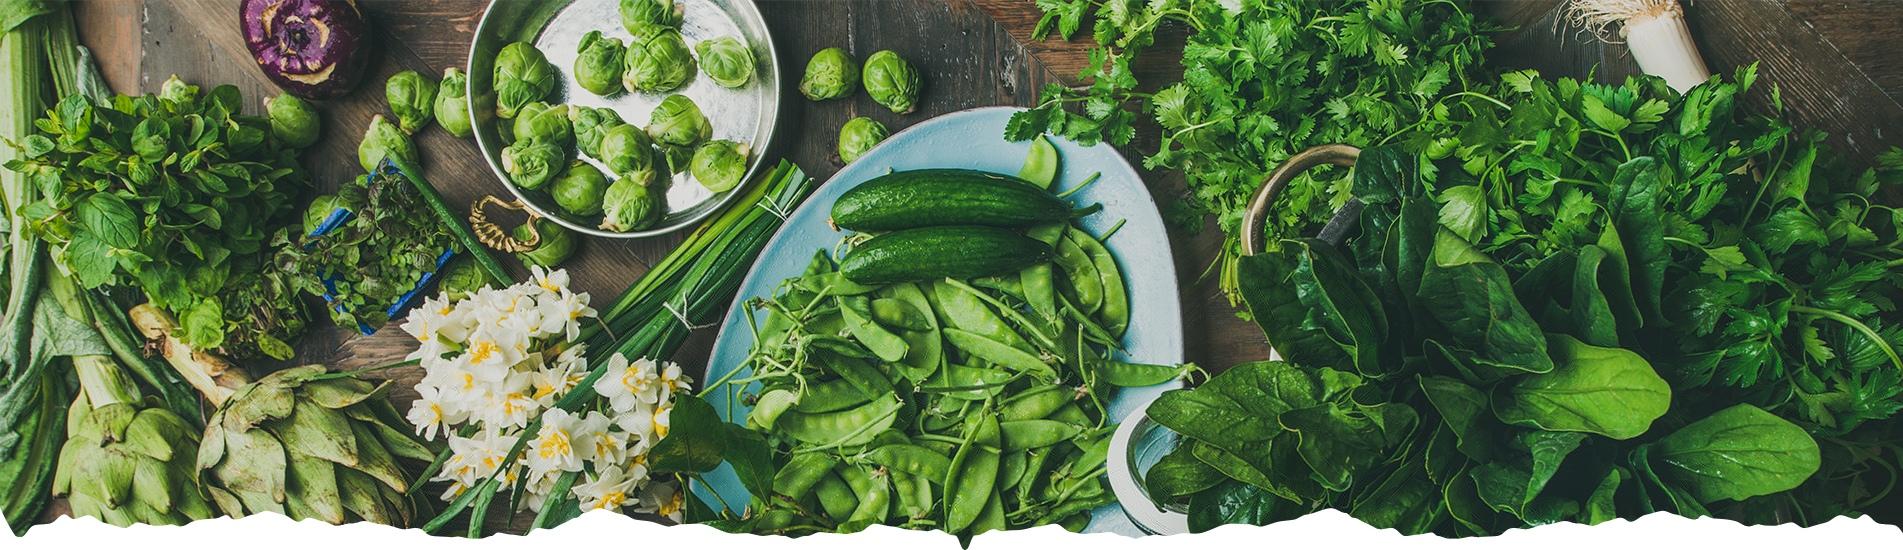 ירק ועלים - משק מיכאלי - סלי ירקות ופירות